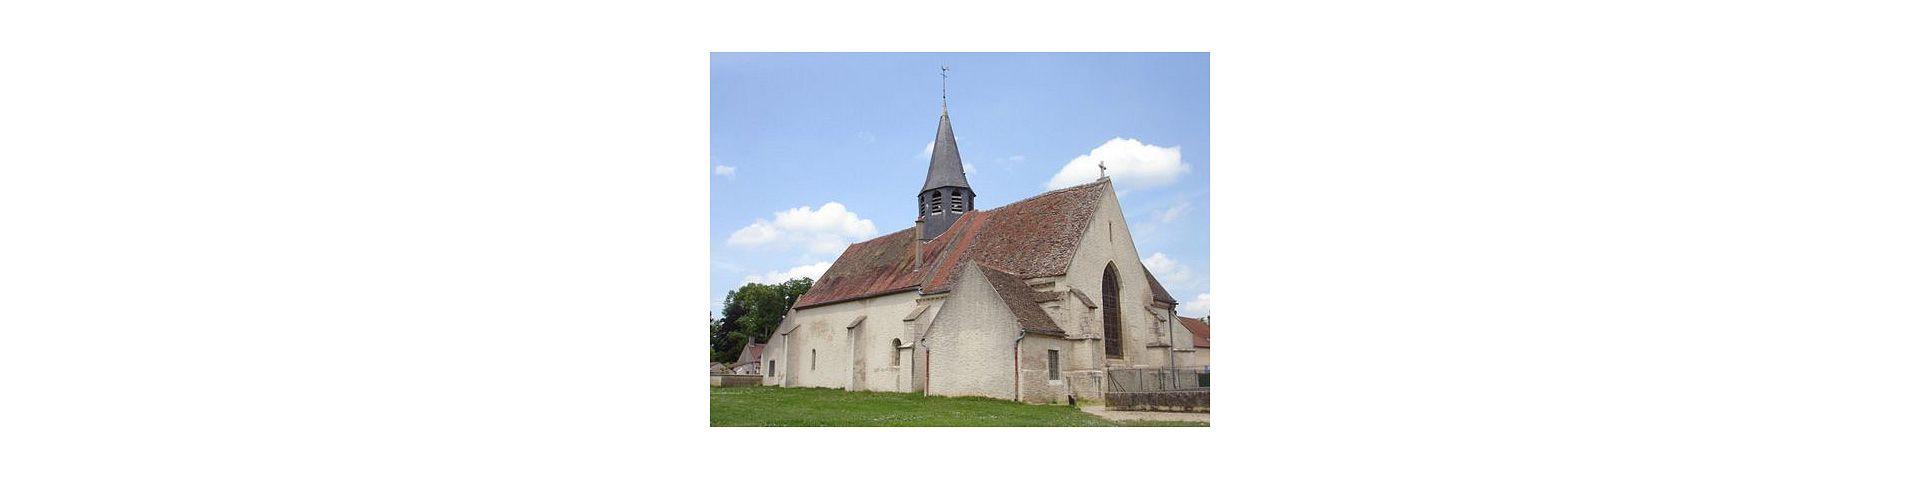 Pouilly-sur-Saône - Eglise Saint-Antoine (21)